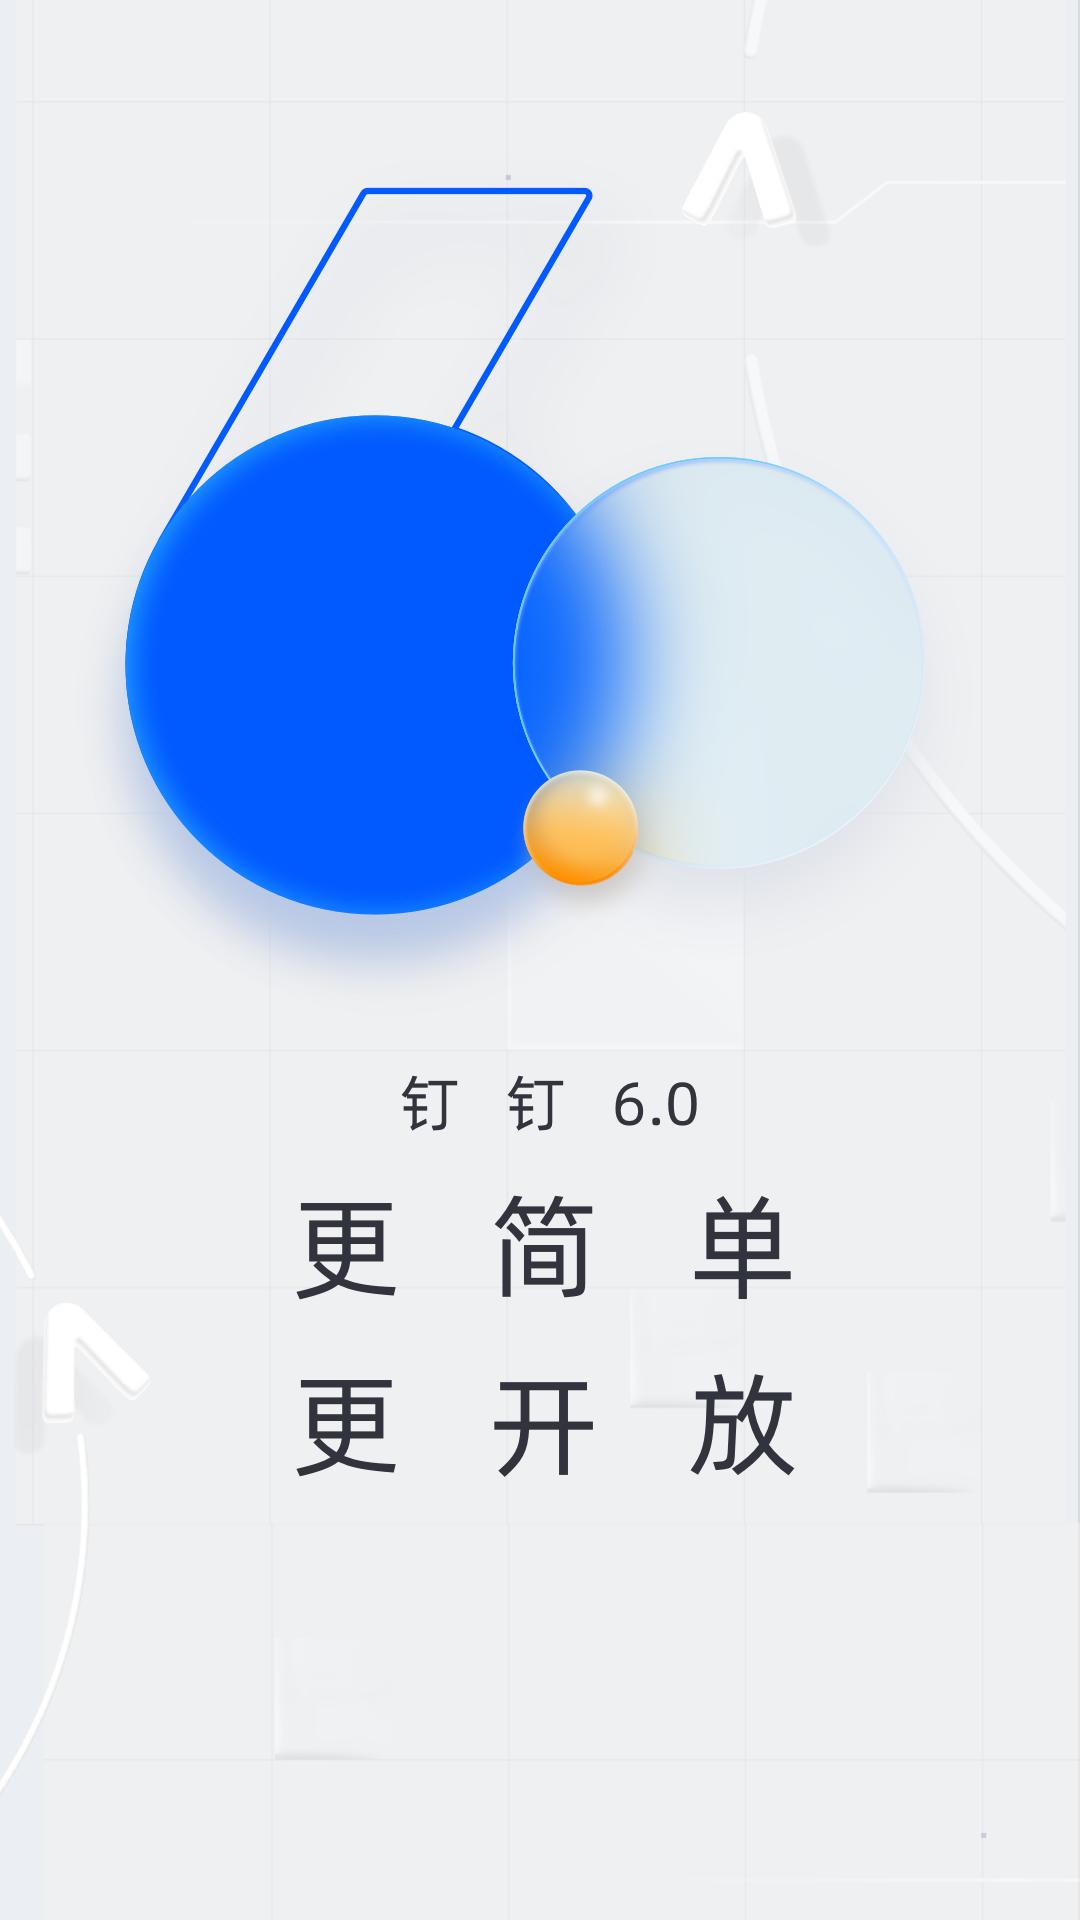 钉钉安卓版 V6.0.28